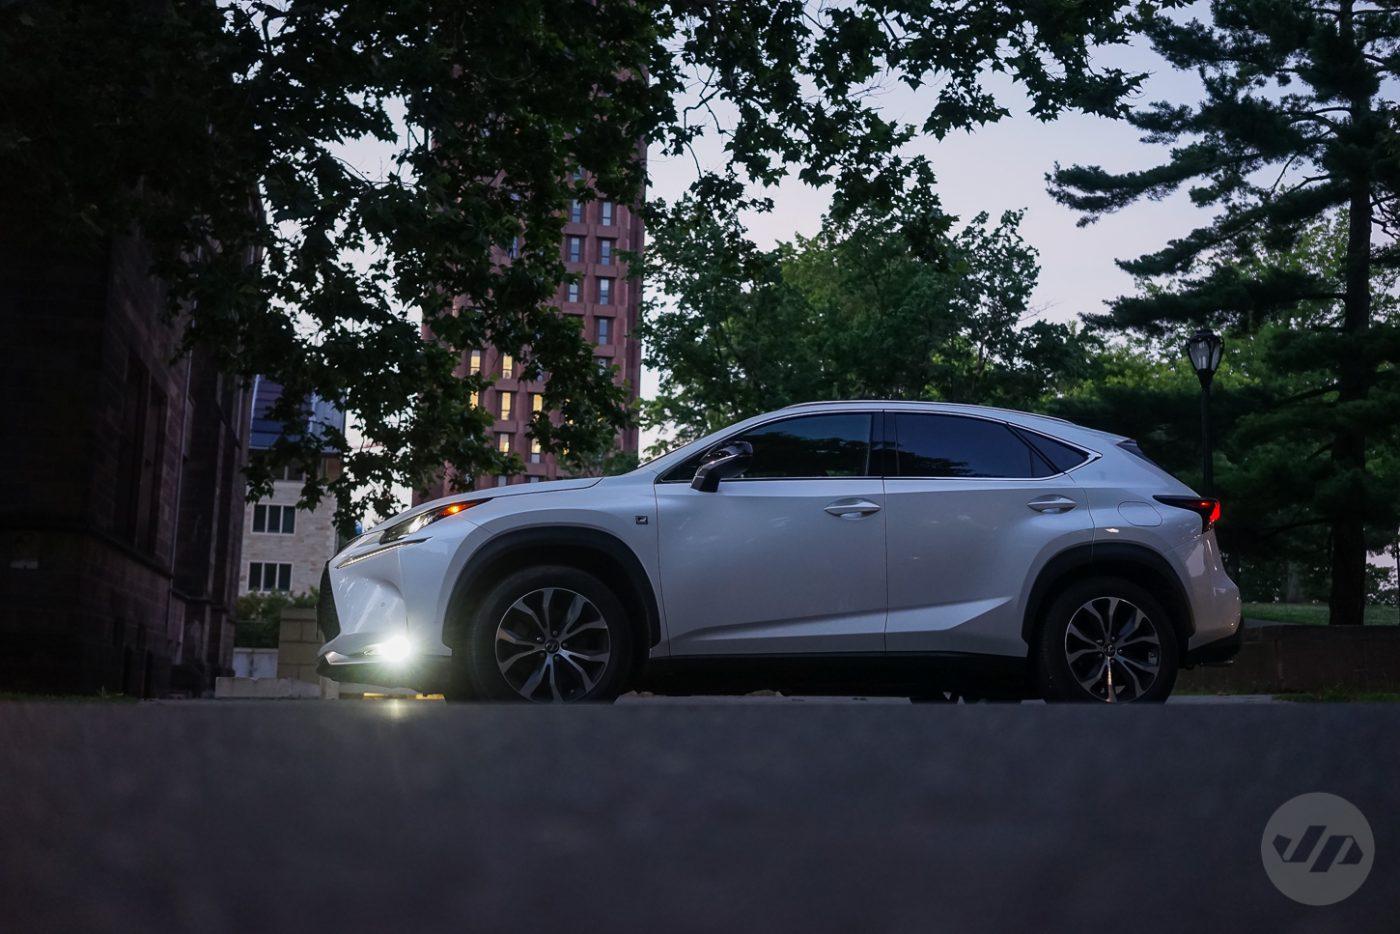 2015_Lexus_NX_200t_F_SPORT_19